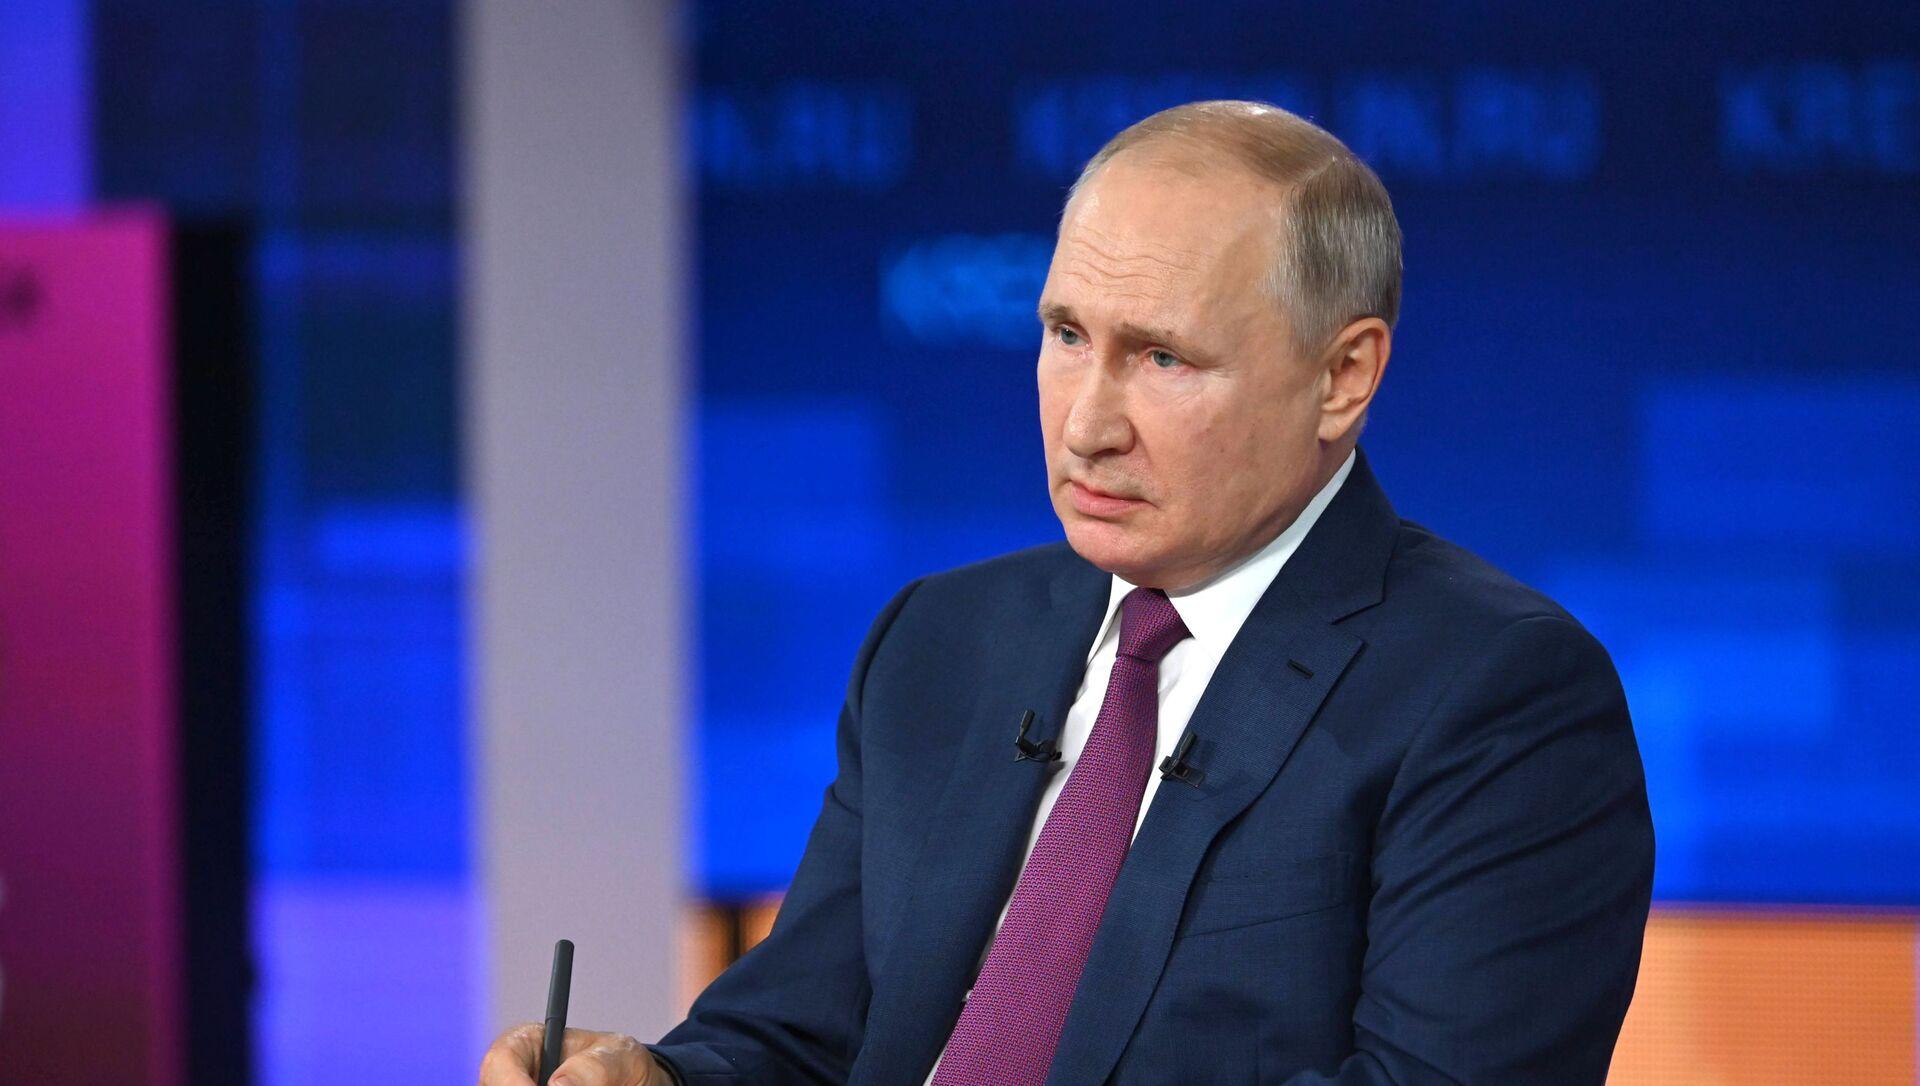 Rusiya prezidenti Vladimir Putin, 30 iyun 2021-ci il - Sputnik Азербайджан, 1920, 03.07.2021